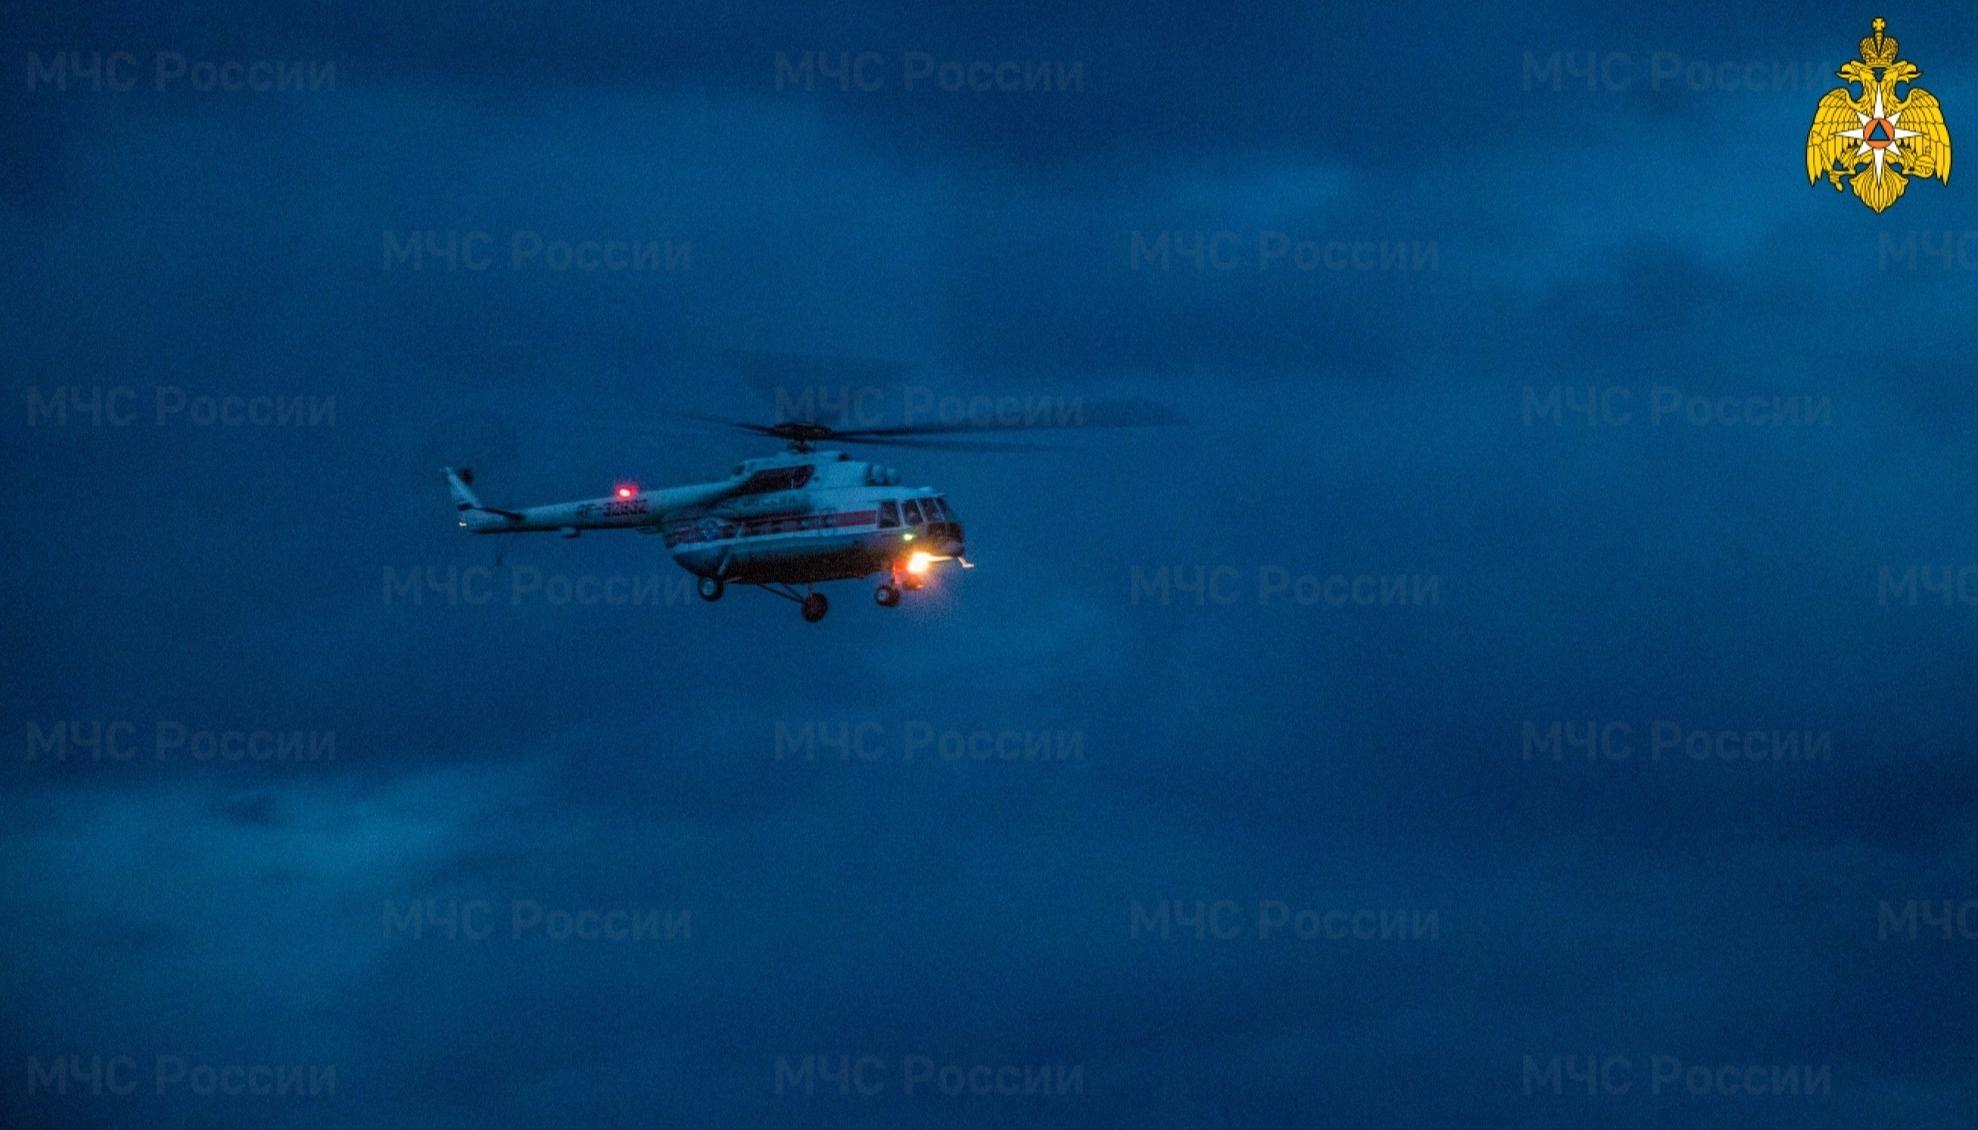 Поздно вечером жителя Тверской области срочно доставили на вертолёте в ОКБ